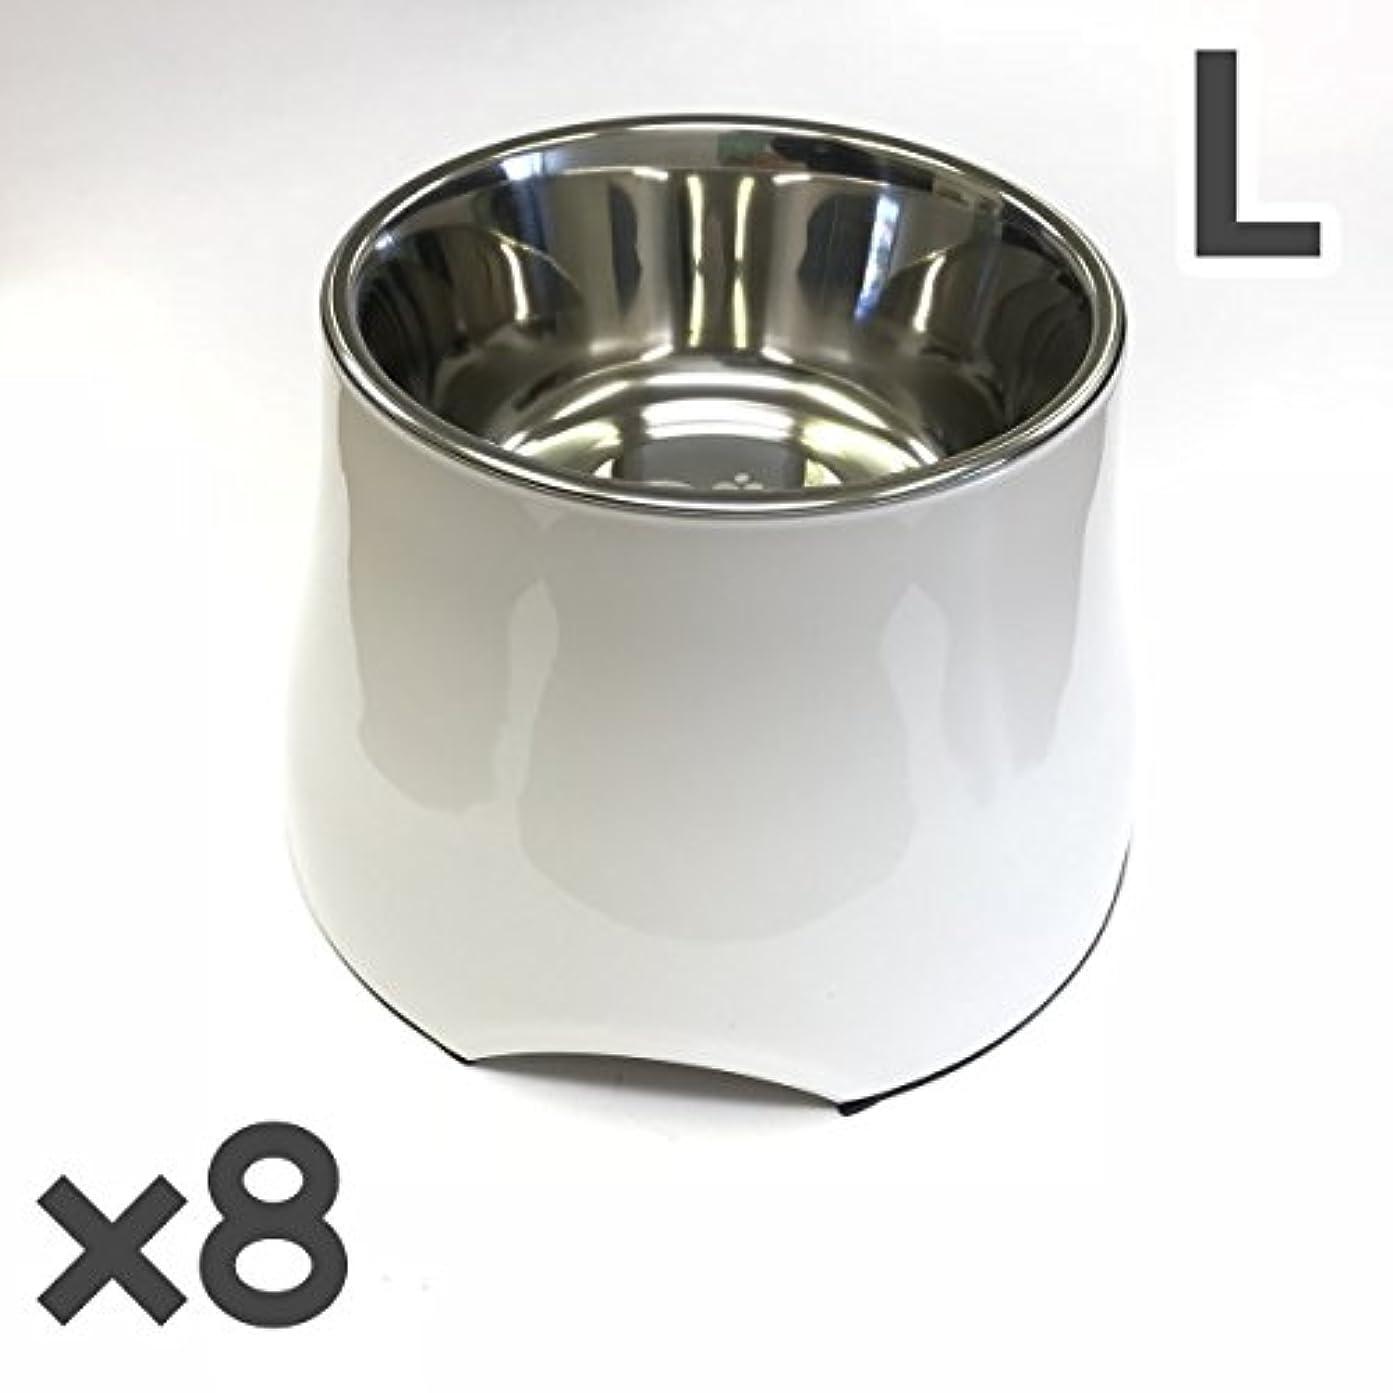 うぬぼれお香厄介なトムキャット [食器]ソリッドカラー ラウンドボウル L ホワイト×8入